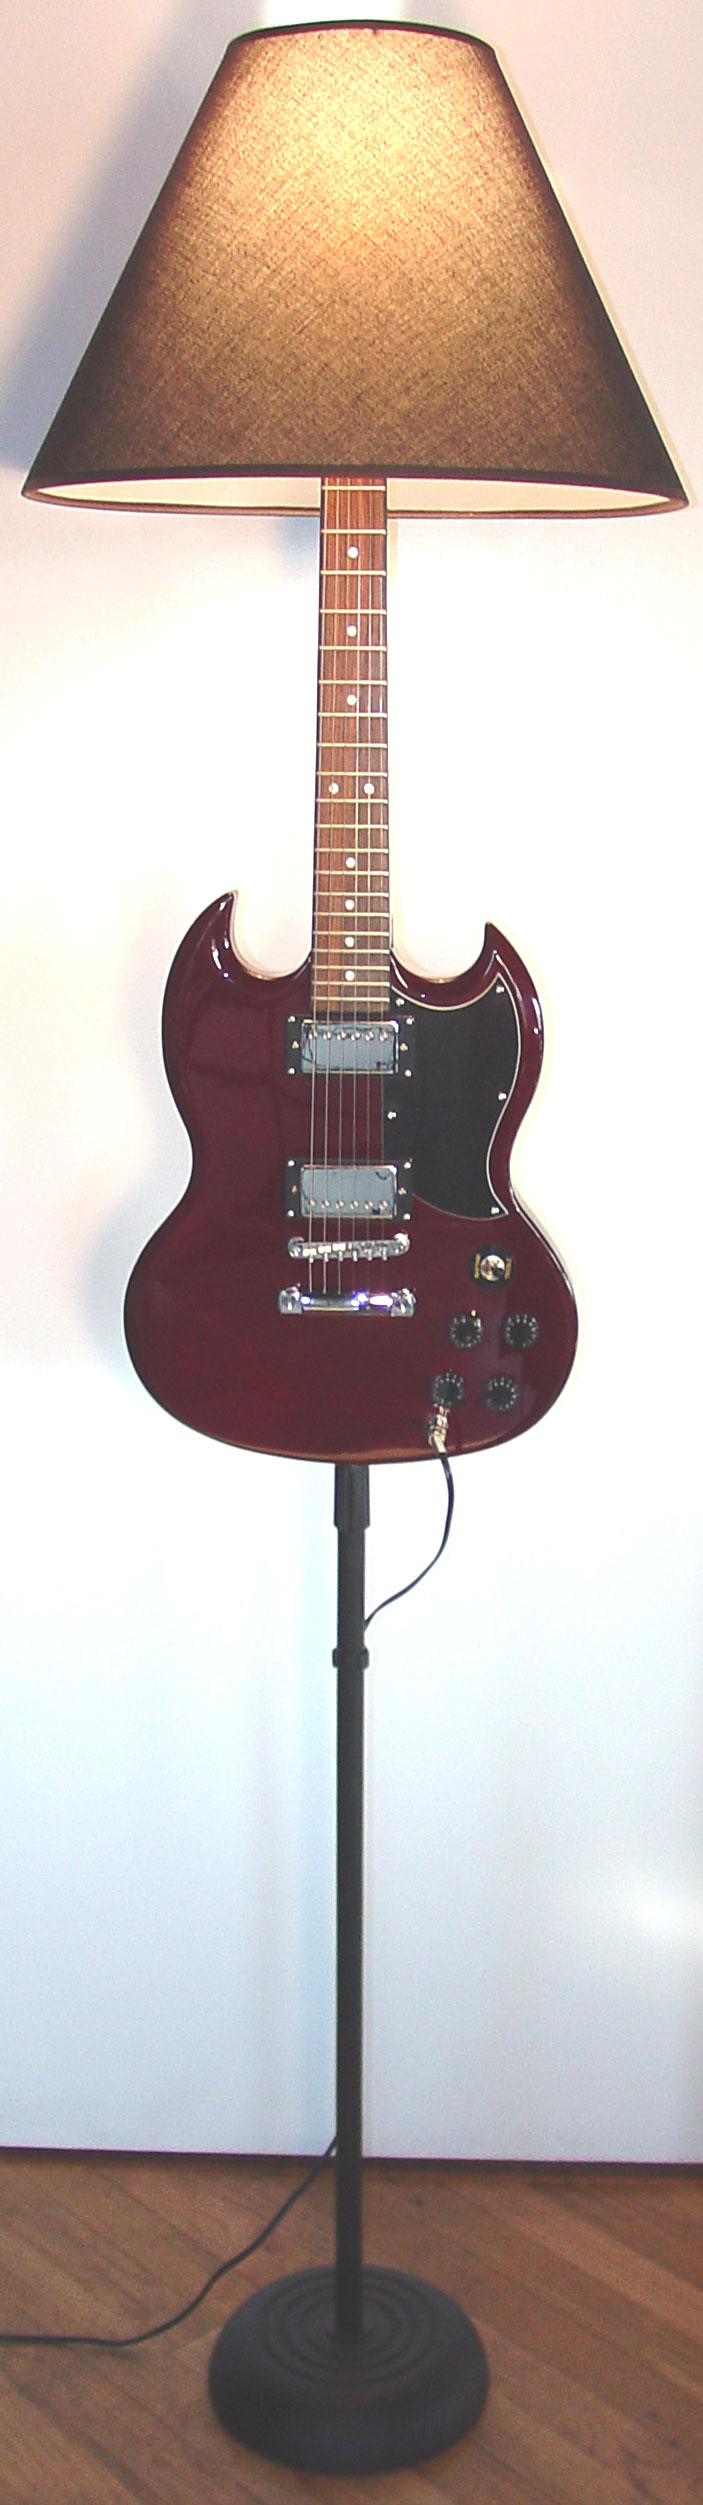 Dan Leap Designed Rock Star Guitar Lamp